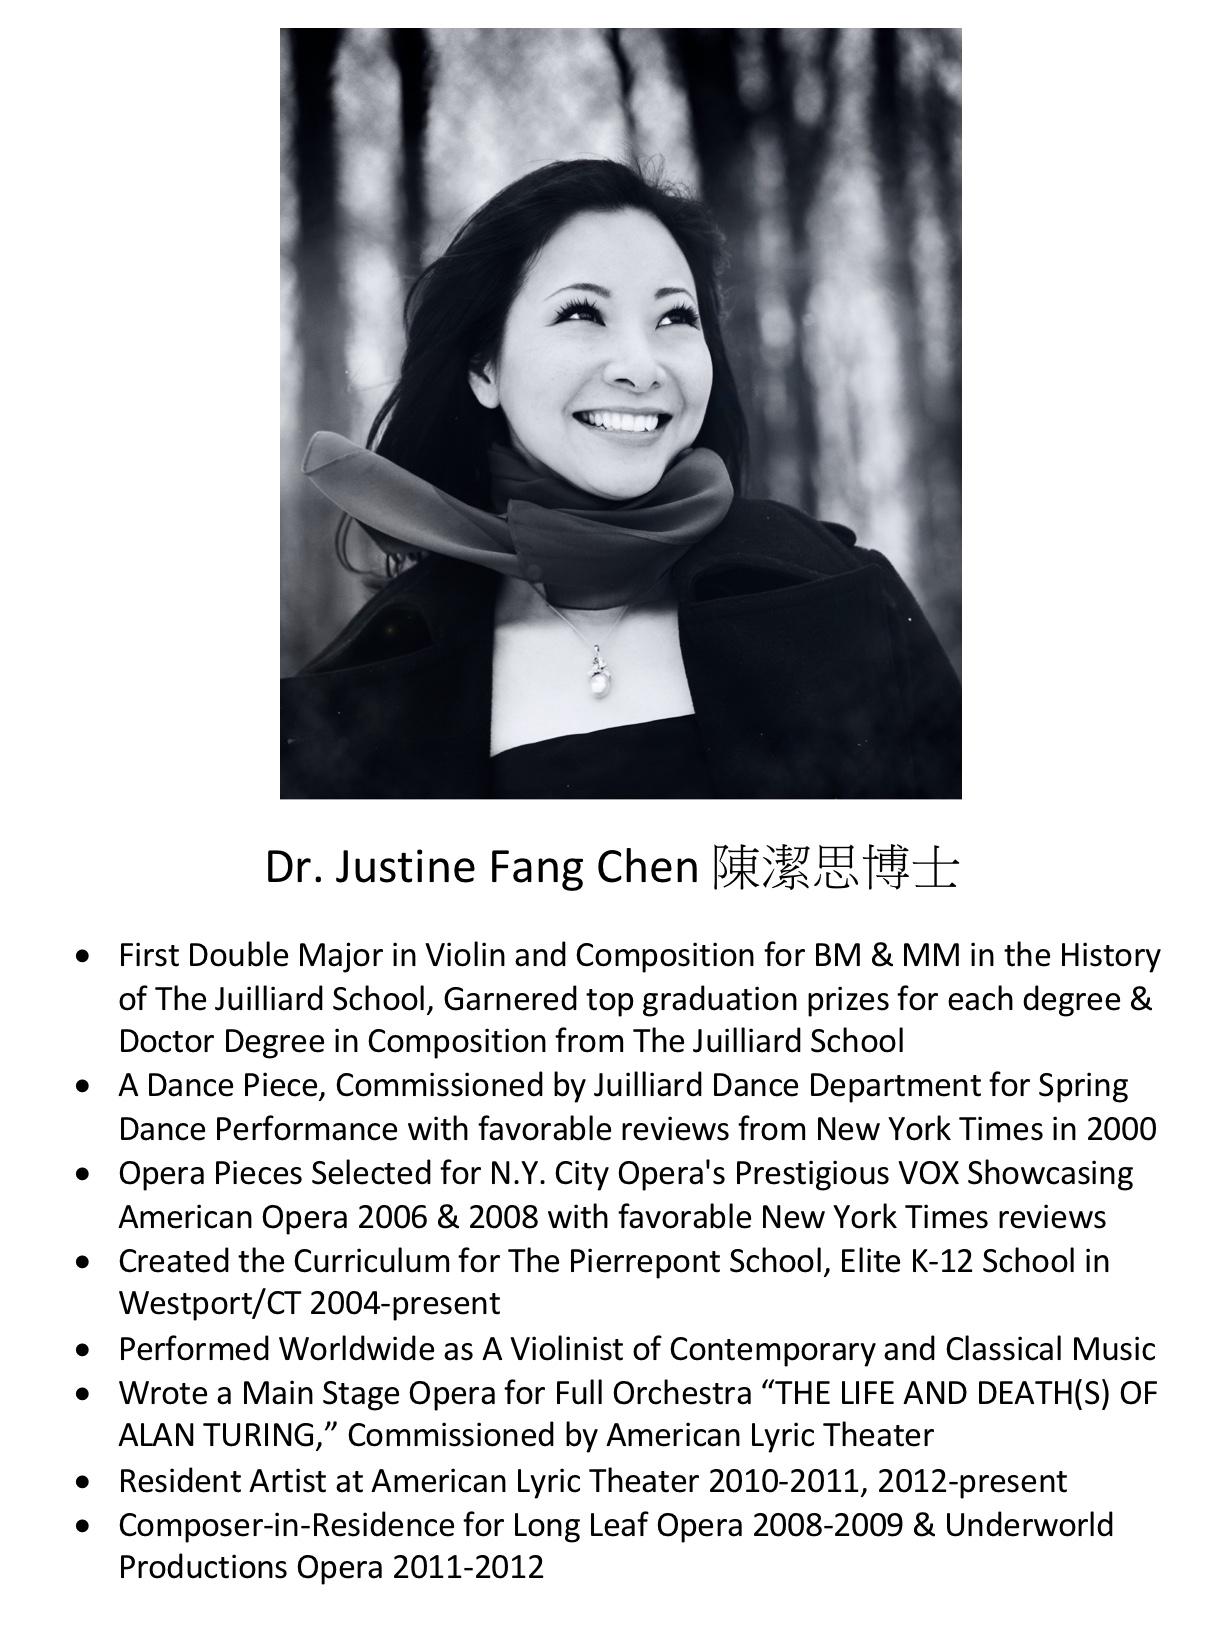 208. Dr. Justine Fang Chen 陳潔思博士